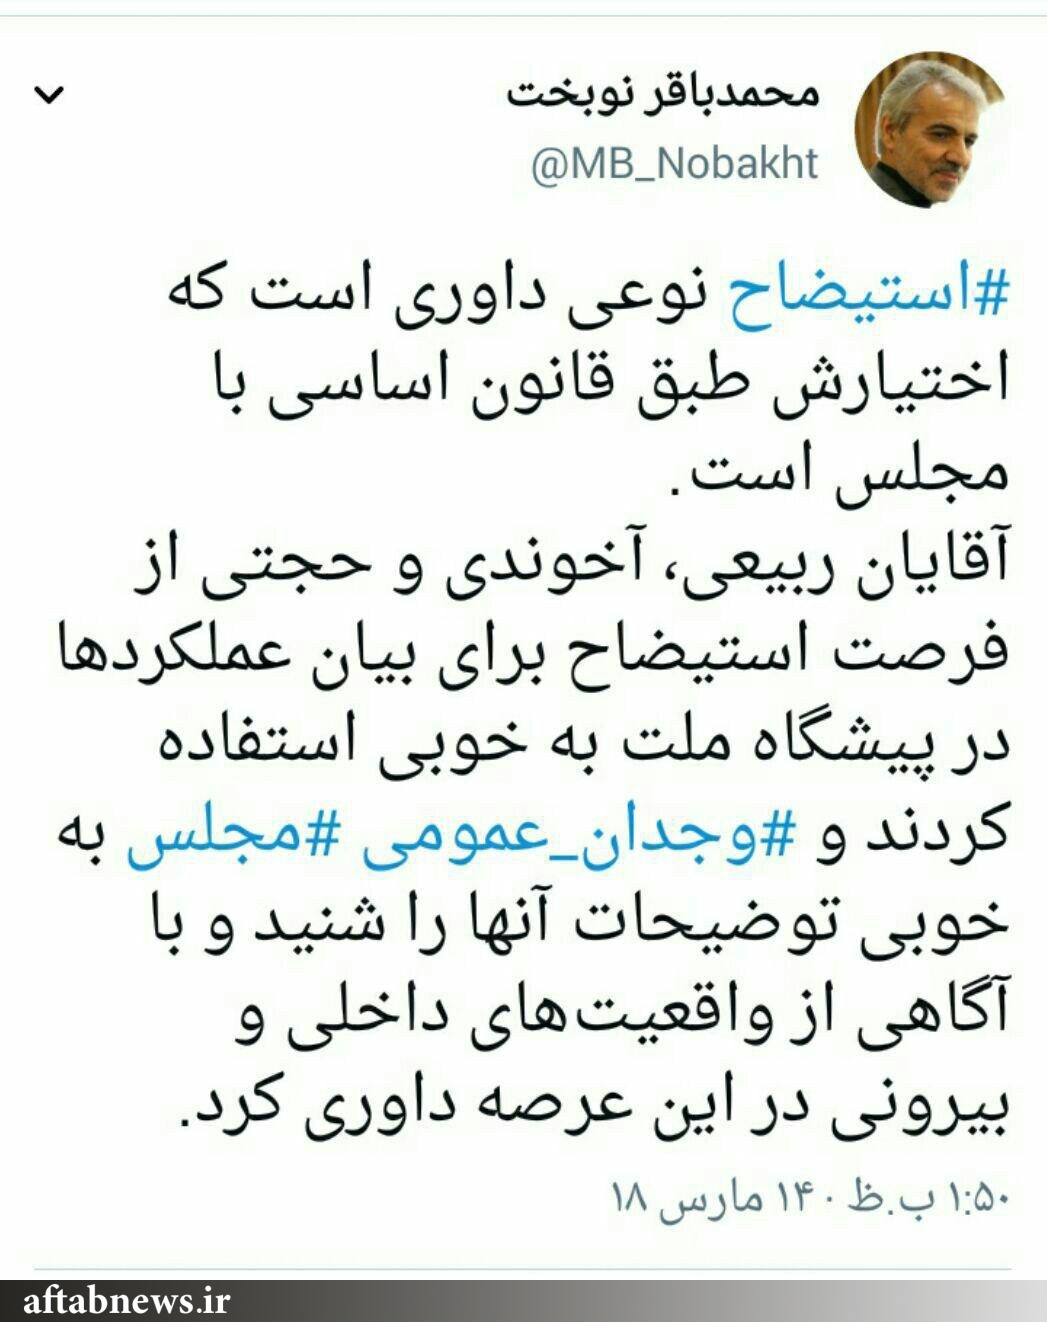 توئیت نوبخت پس از رأی اعتماد مجلس به سه وزیر دولت دوازدهم